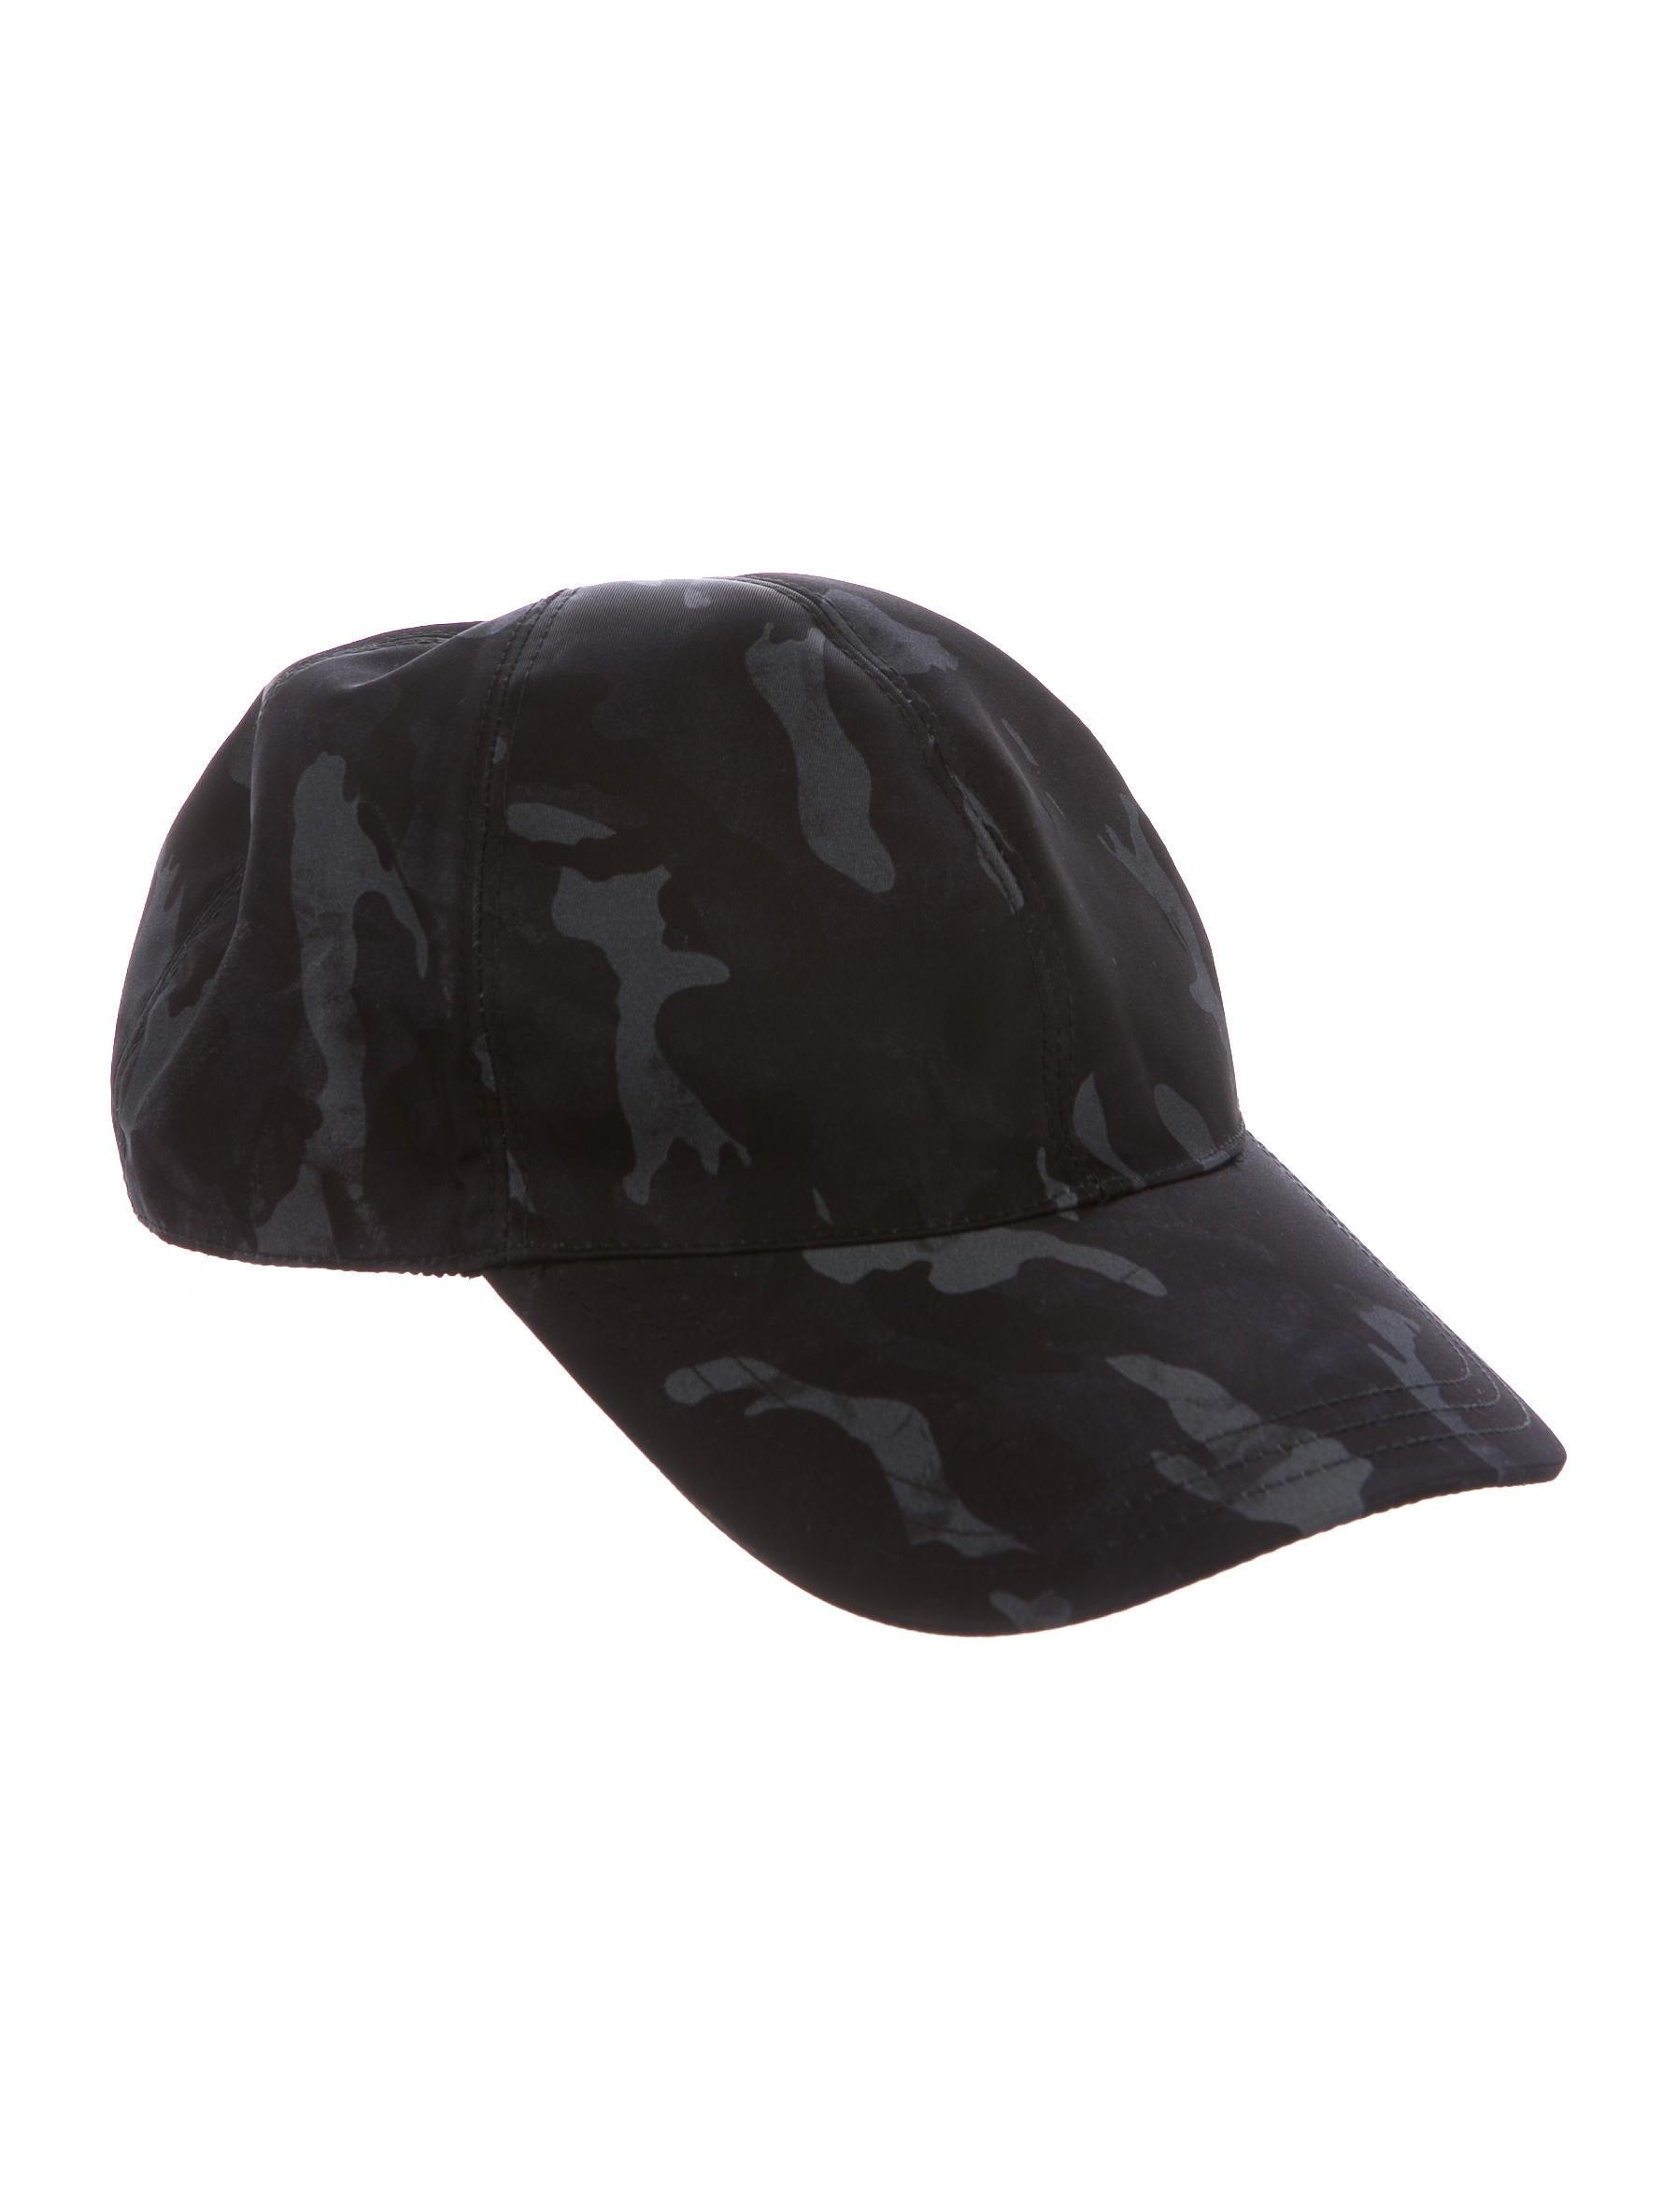 Prada Camouflage Nylon Hat w  Tags - Accessories - PRA157898  f1e6baecc385